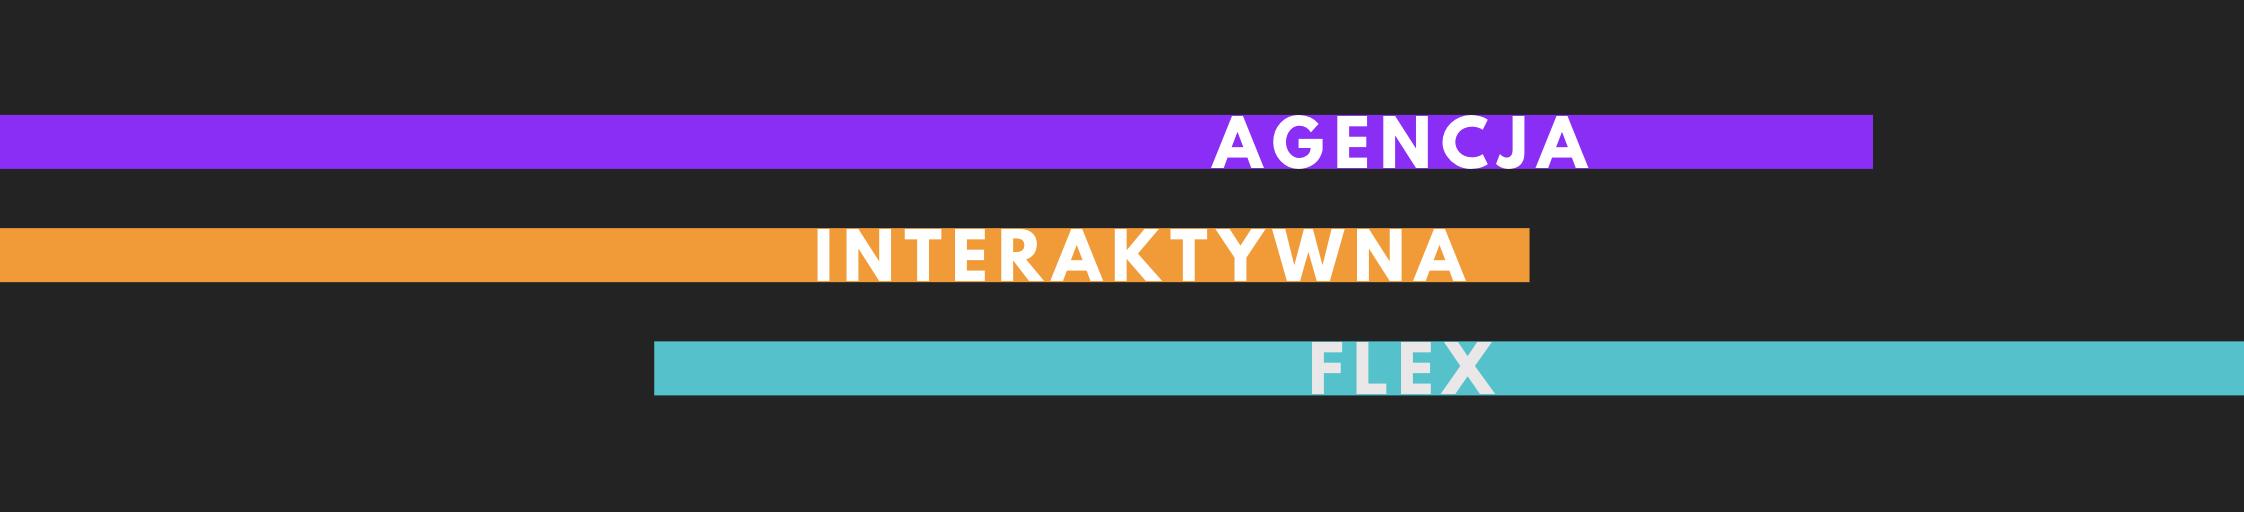 Agencja interaktywna Flex